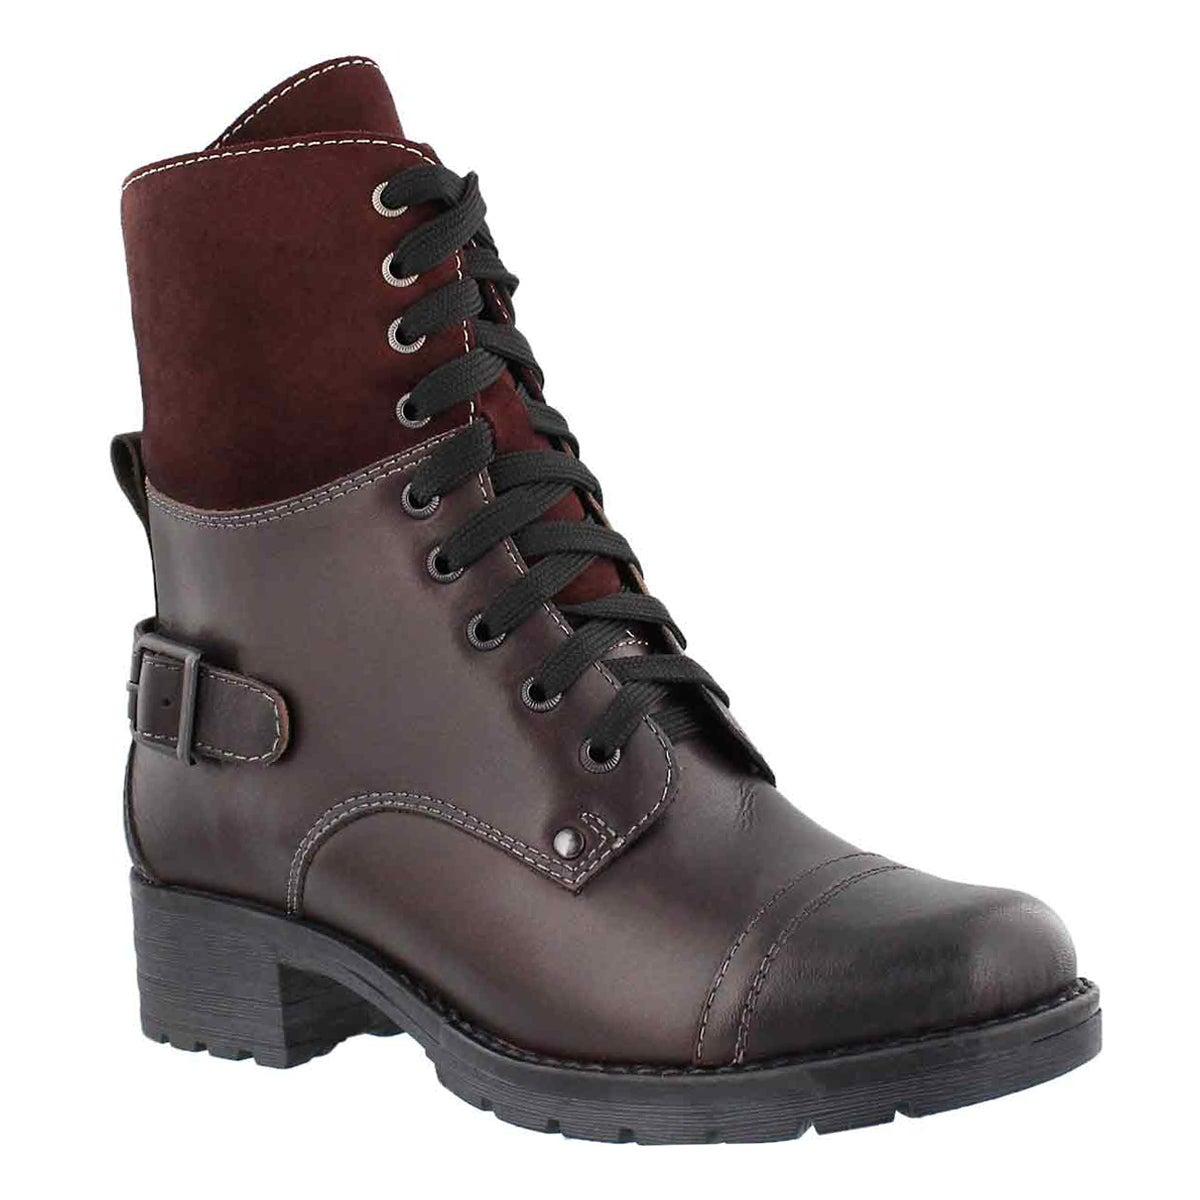 Women's DEEDEE 2 burgundy combat boots